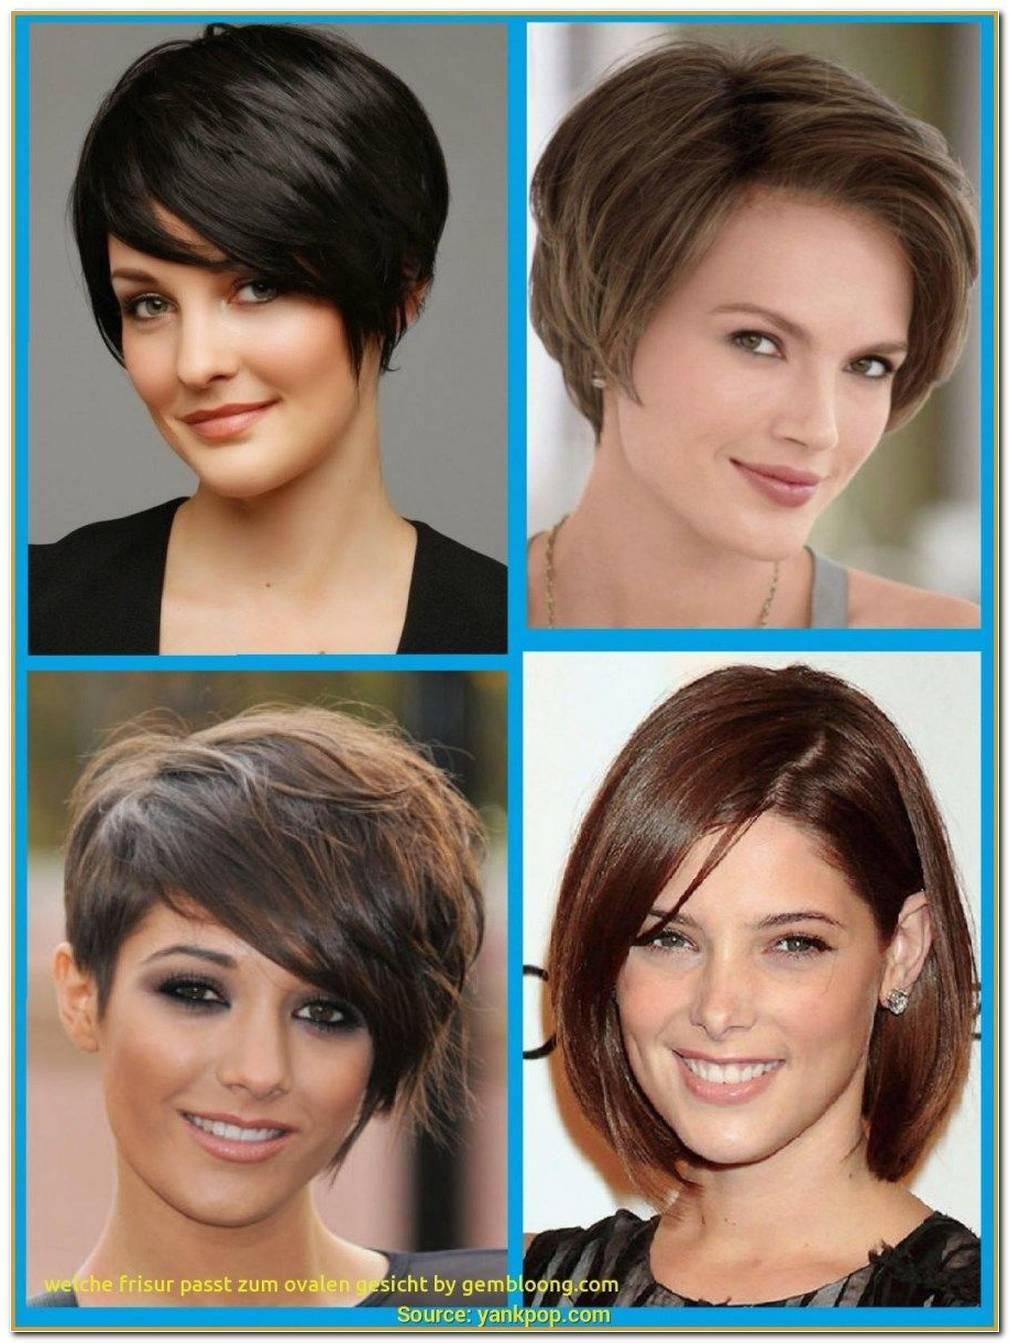 Frisuren Frauen Kurz Ovales Gesicht